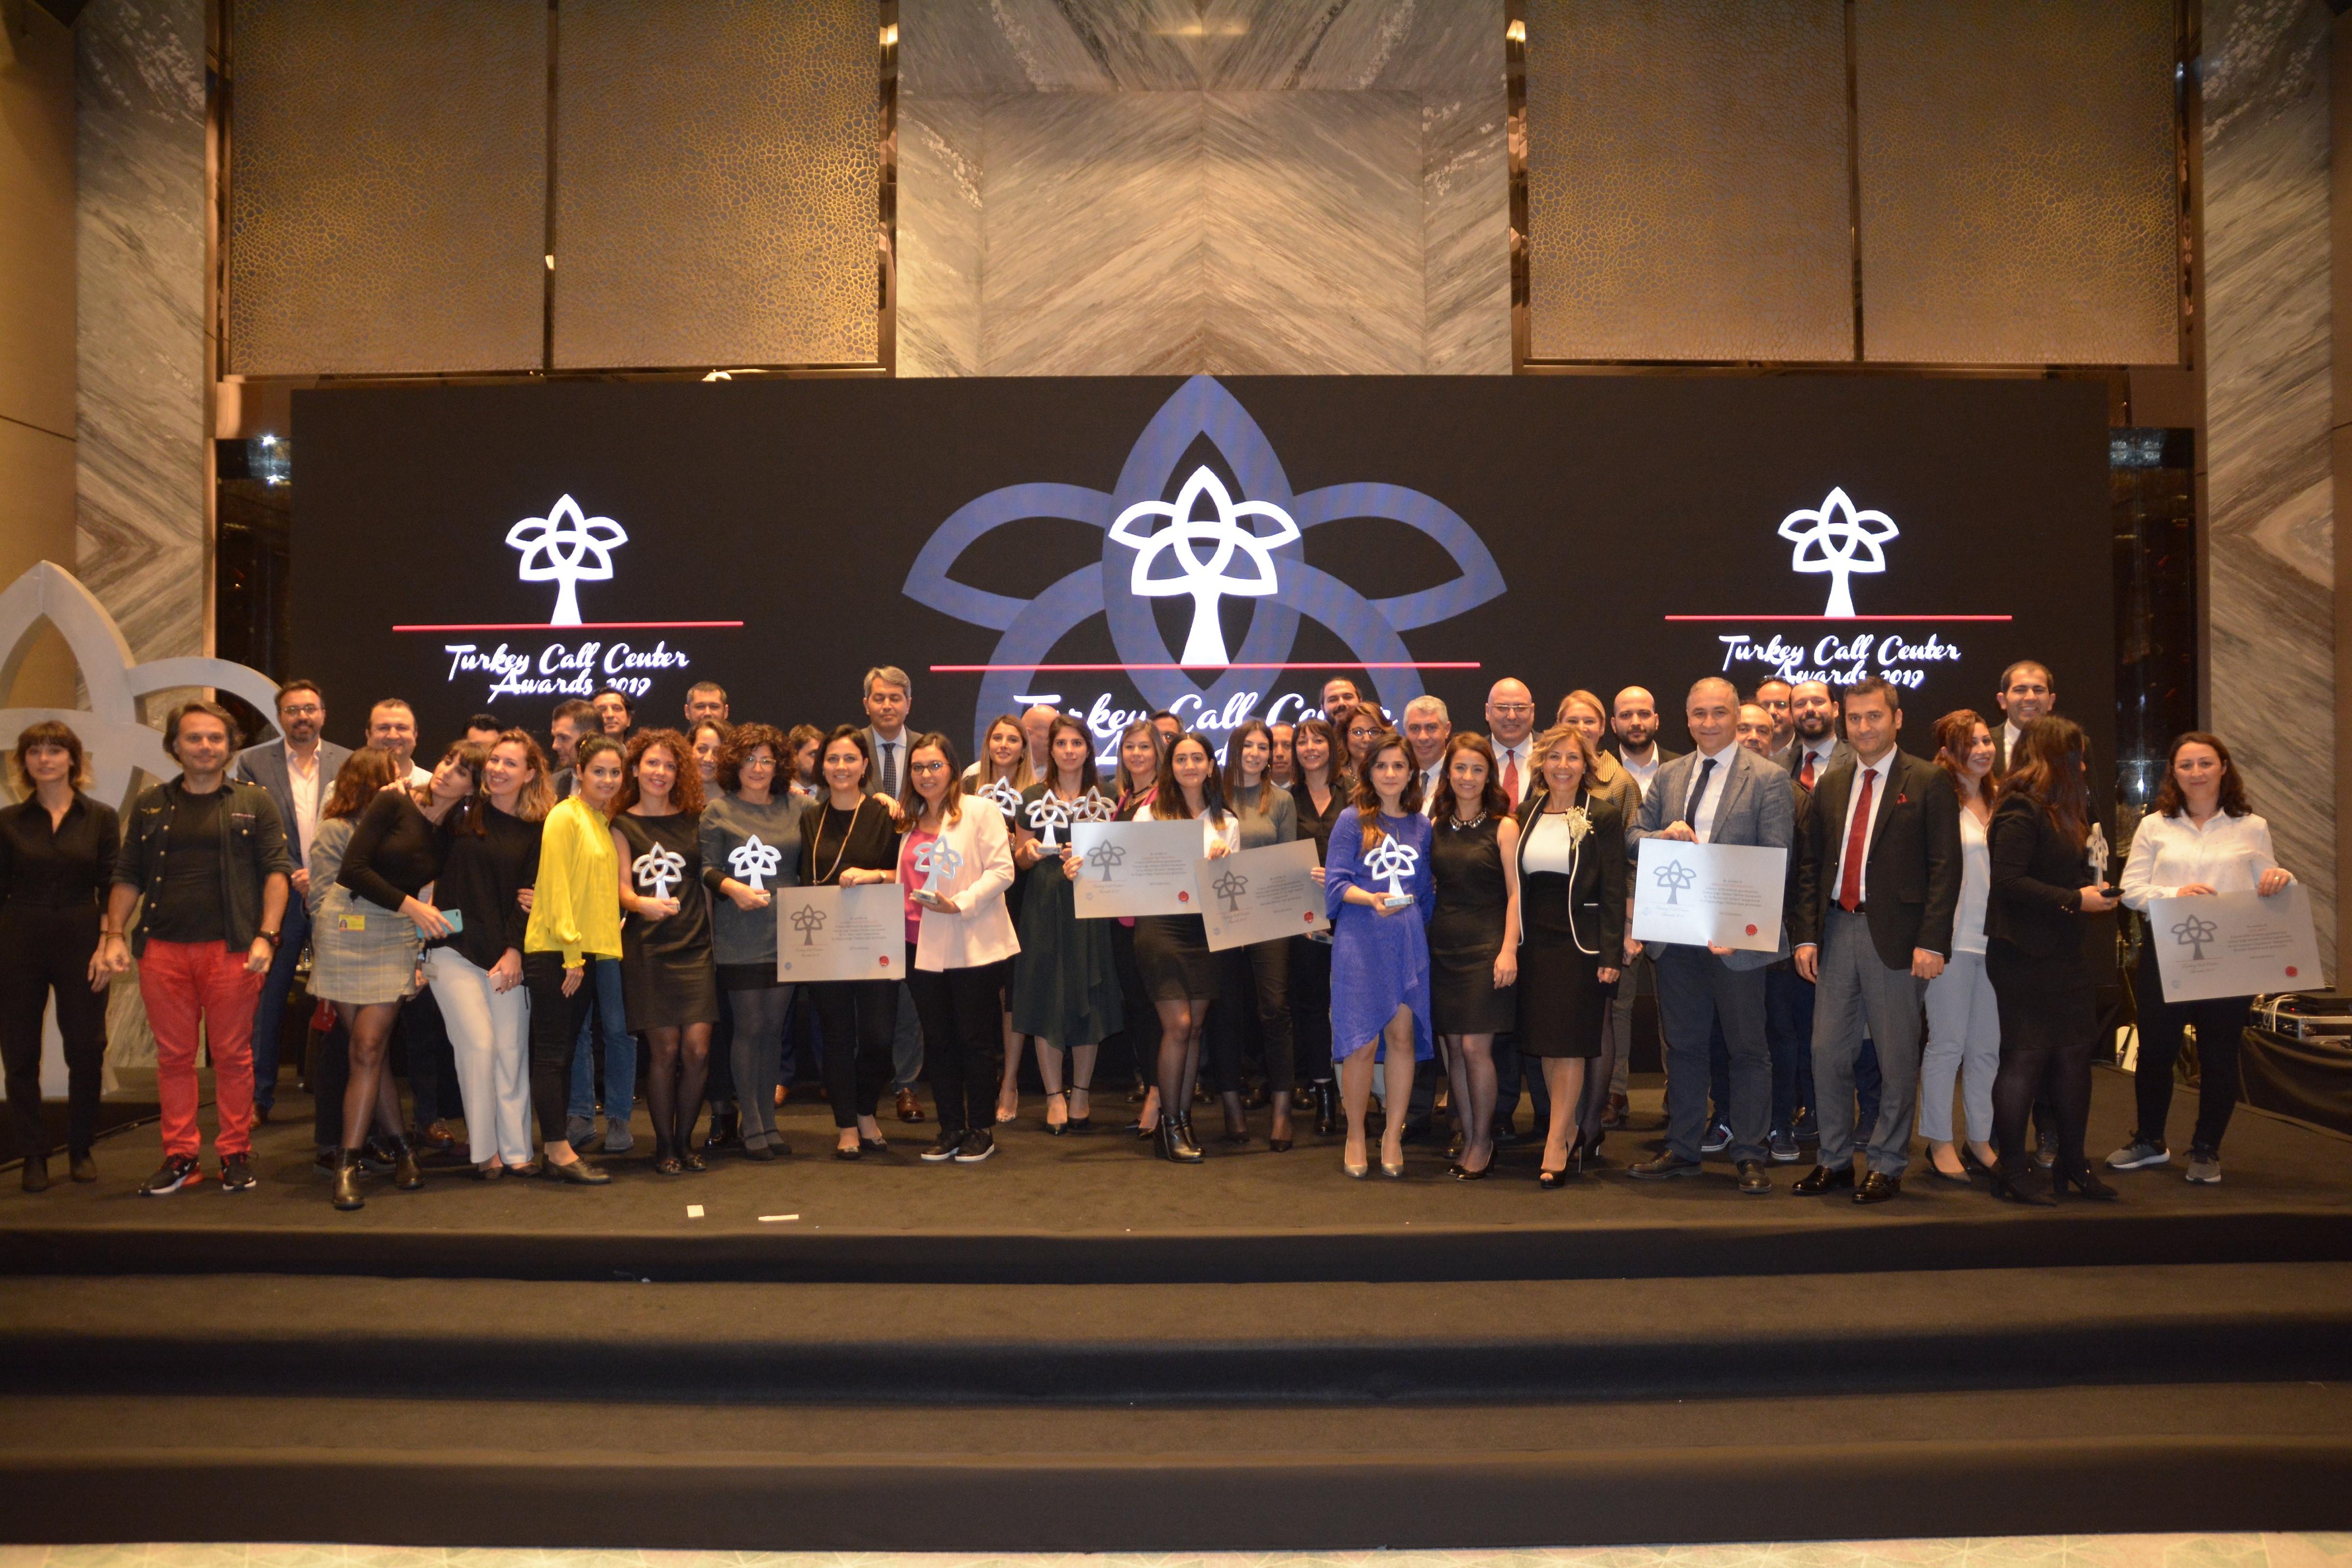 En Övgüye Değer Performans Gelişimi Ödülünü Kazandık